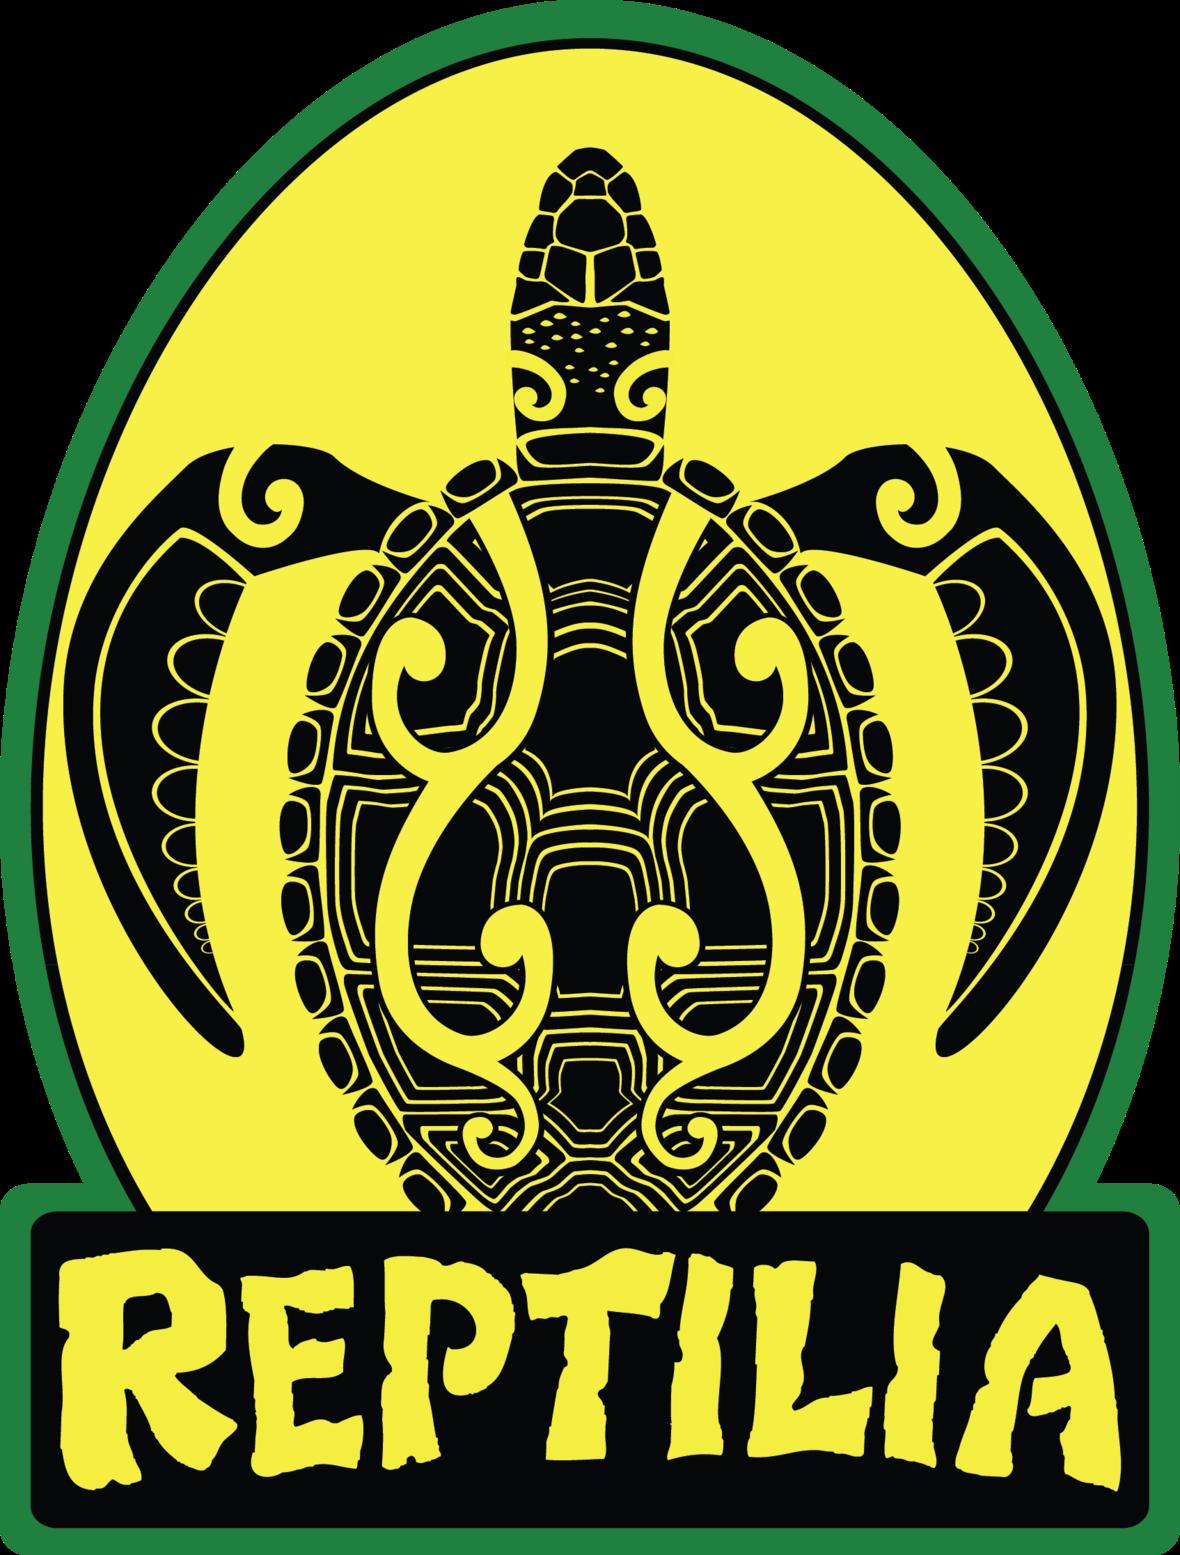 ReptiliaLOGO2017